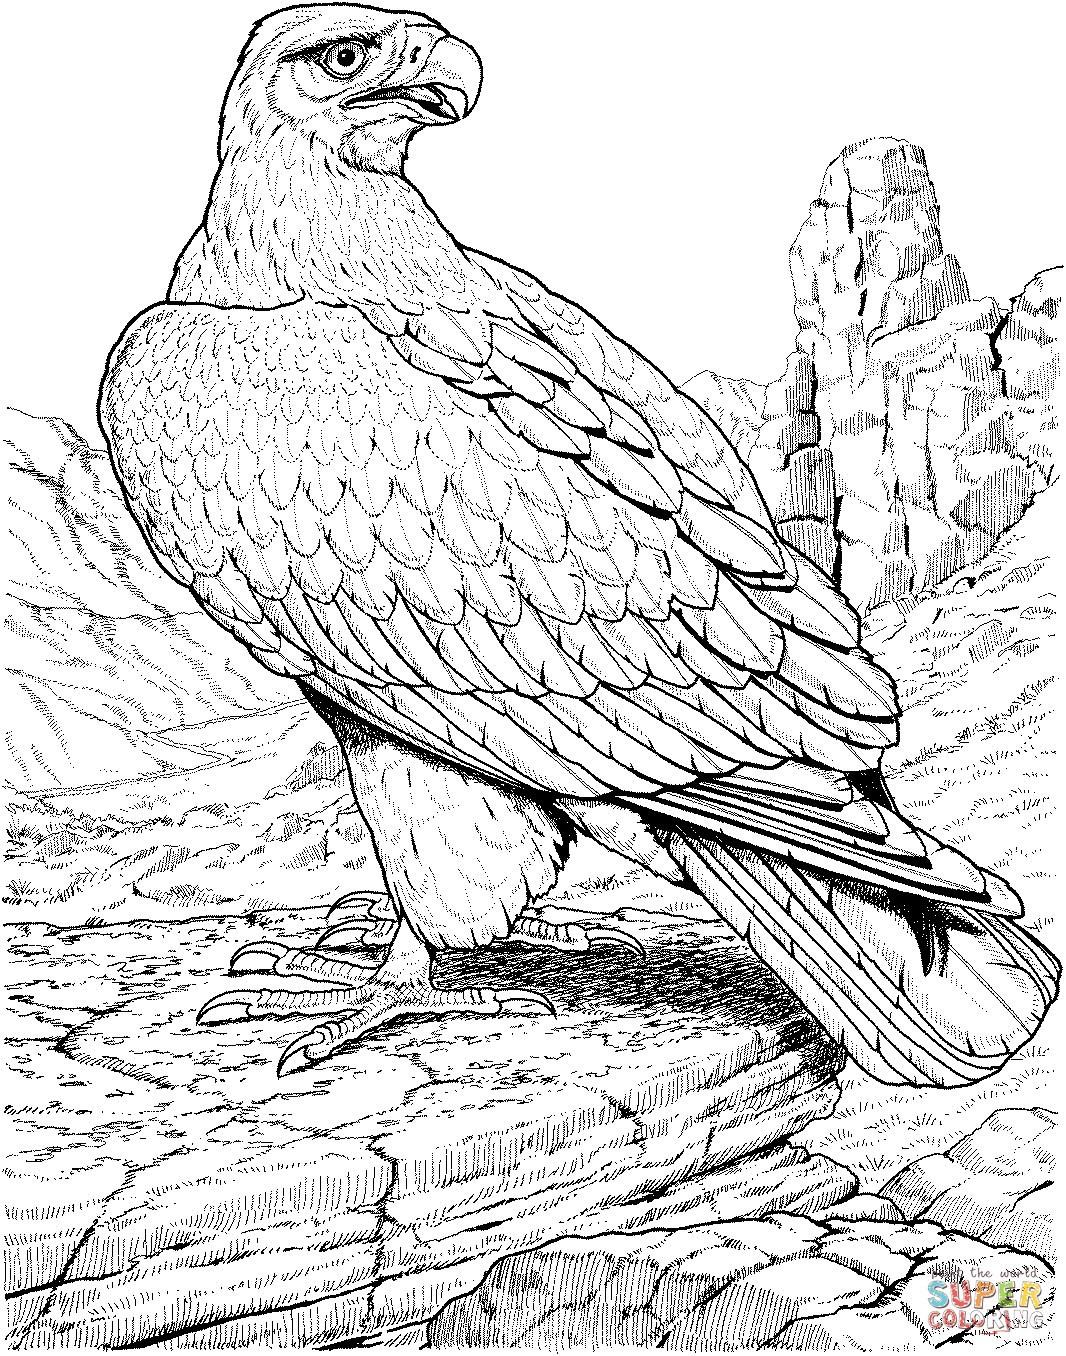 Adler Zeichnungen Zum Ausmalen Frisch Adler Ausmalbilder Luxus Ausmalbilder Iron Man Uploadertalk Fotos